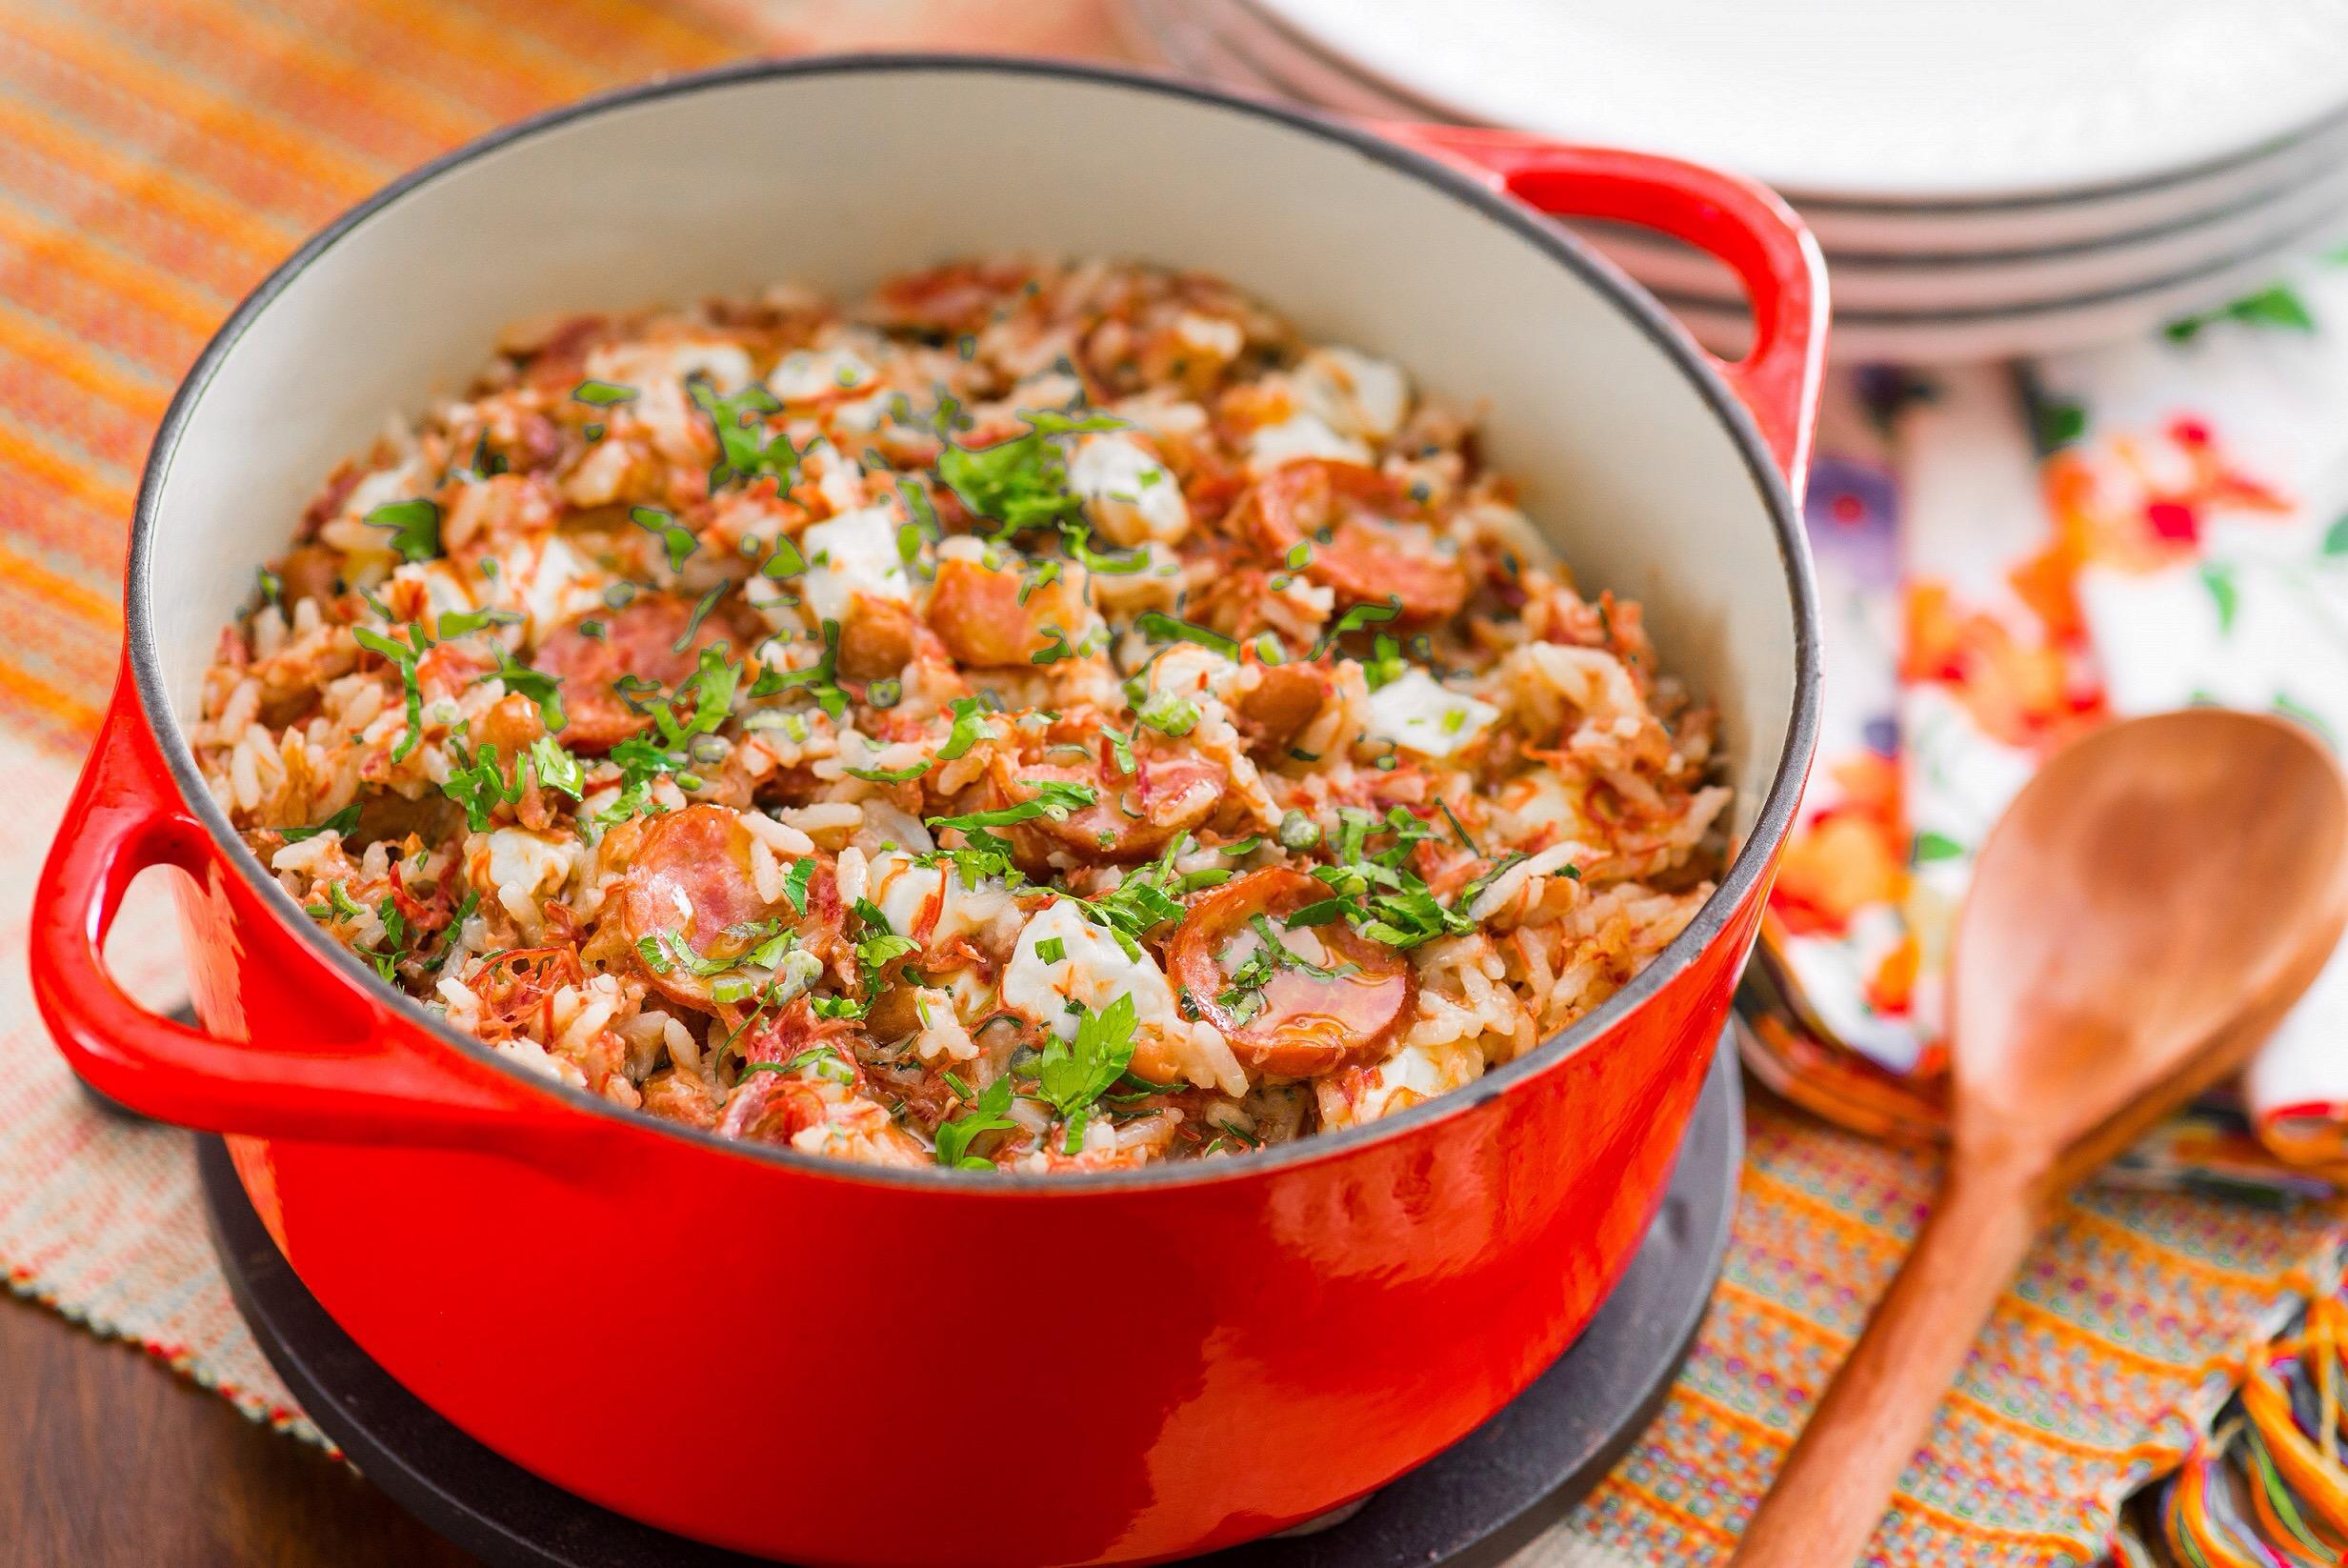 Chef ensina a preparar prato típico do Nordeste: Baião de Dois